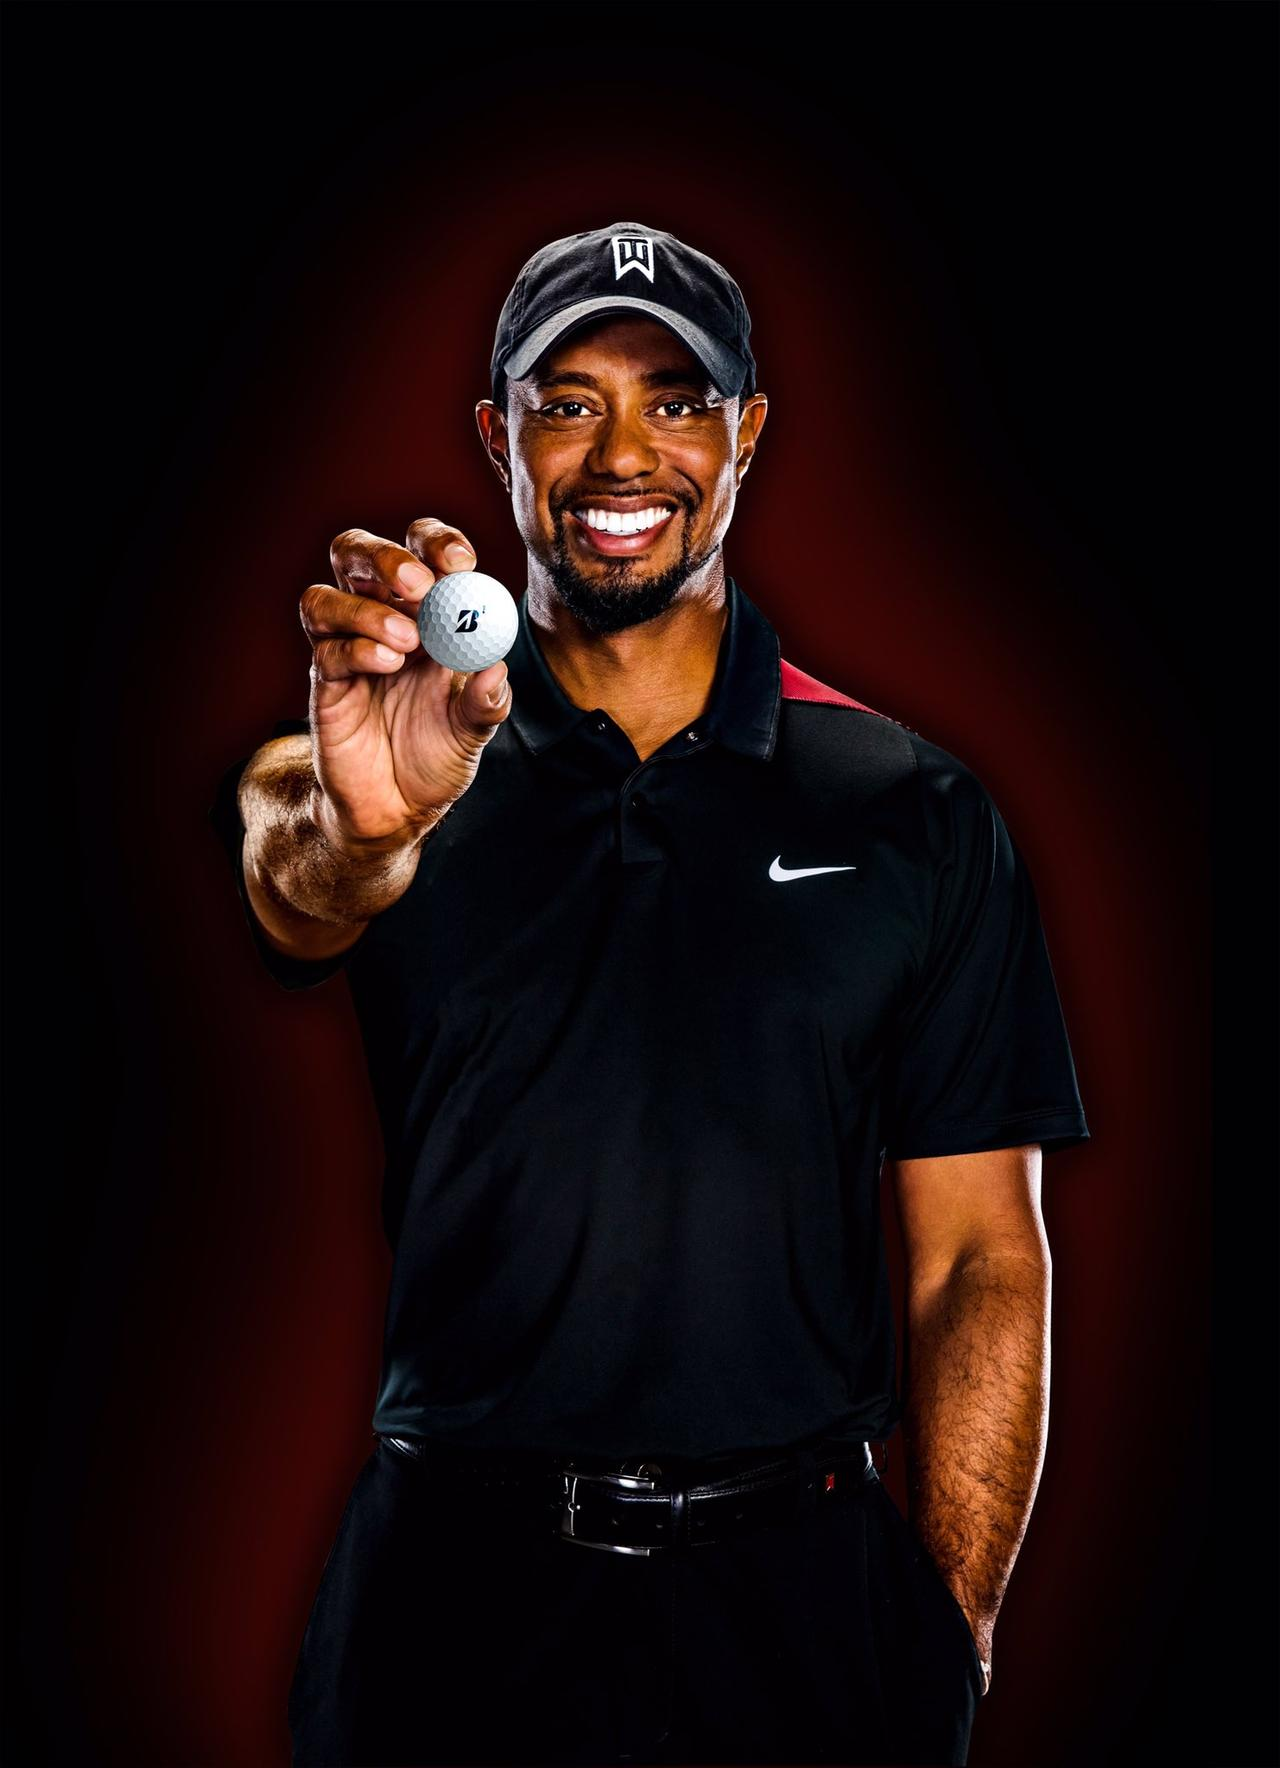 画像: Tiger Woods on Twitter twitter.com